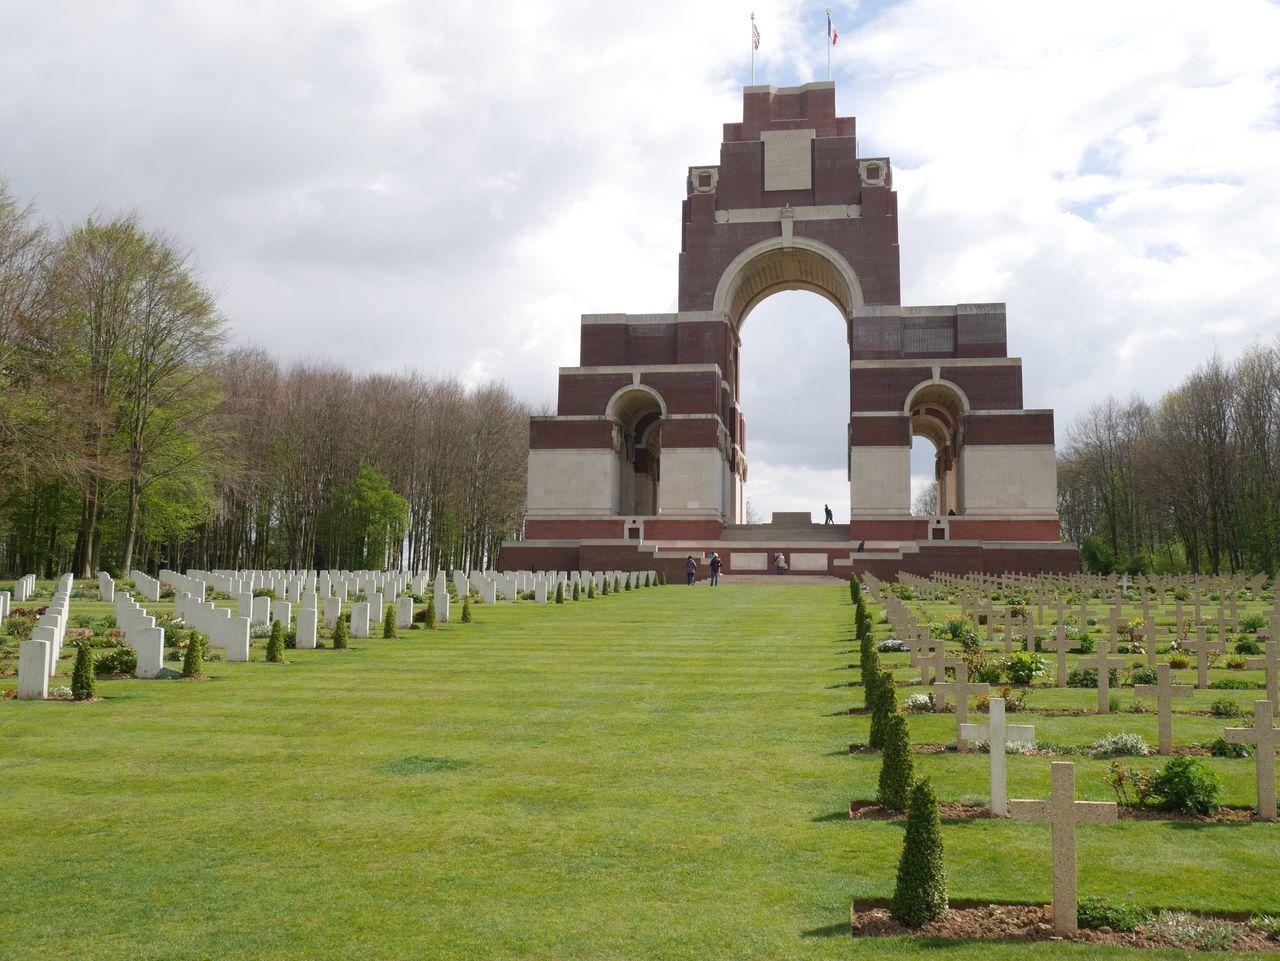 Thiepval Thiepval War Memorial Ww1 War Graves Remembrance Thiepval War Memorial Cemetery France Somme Cemetery